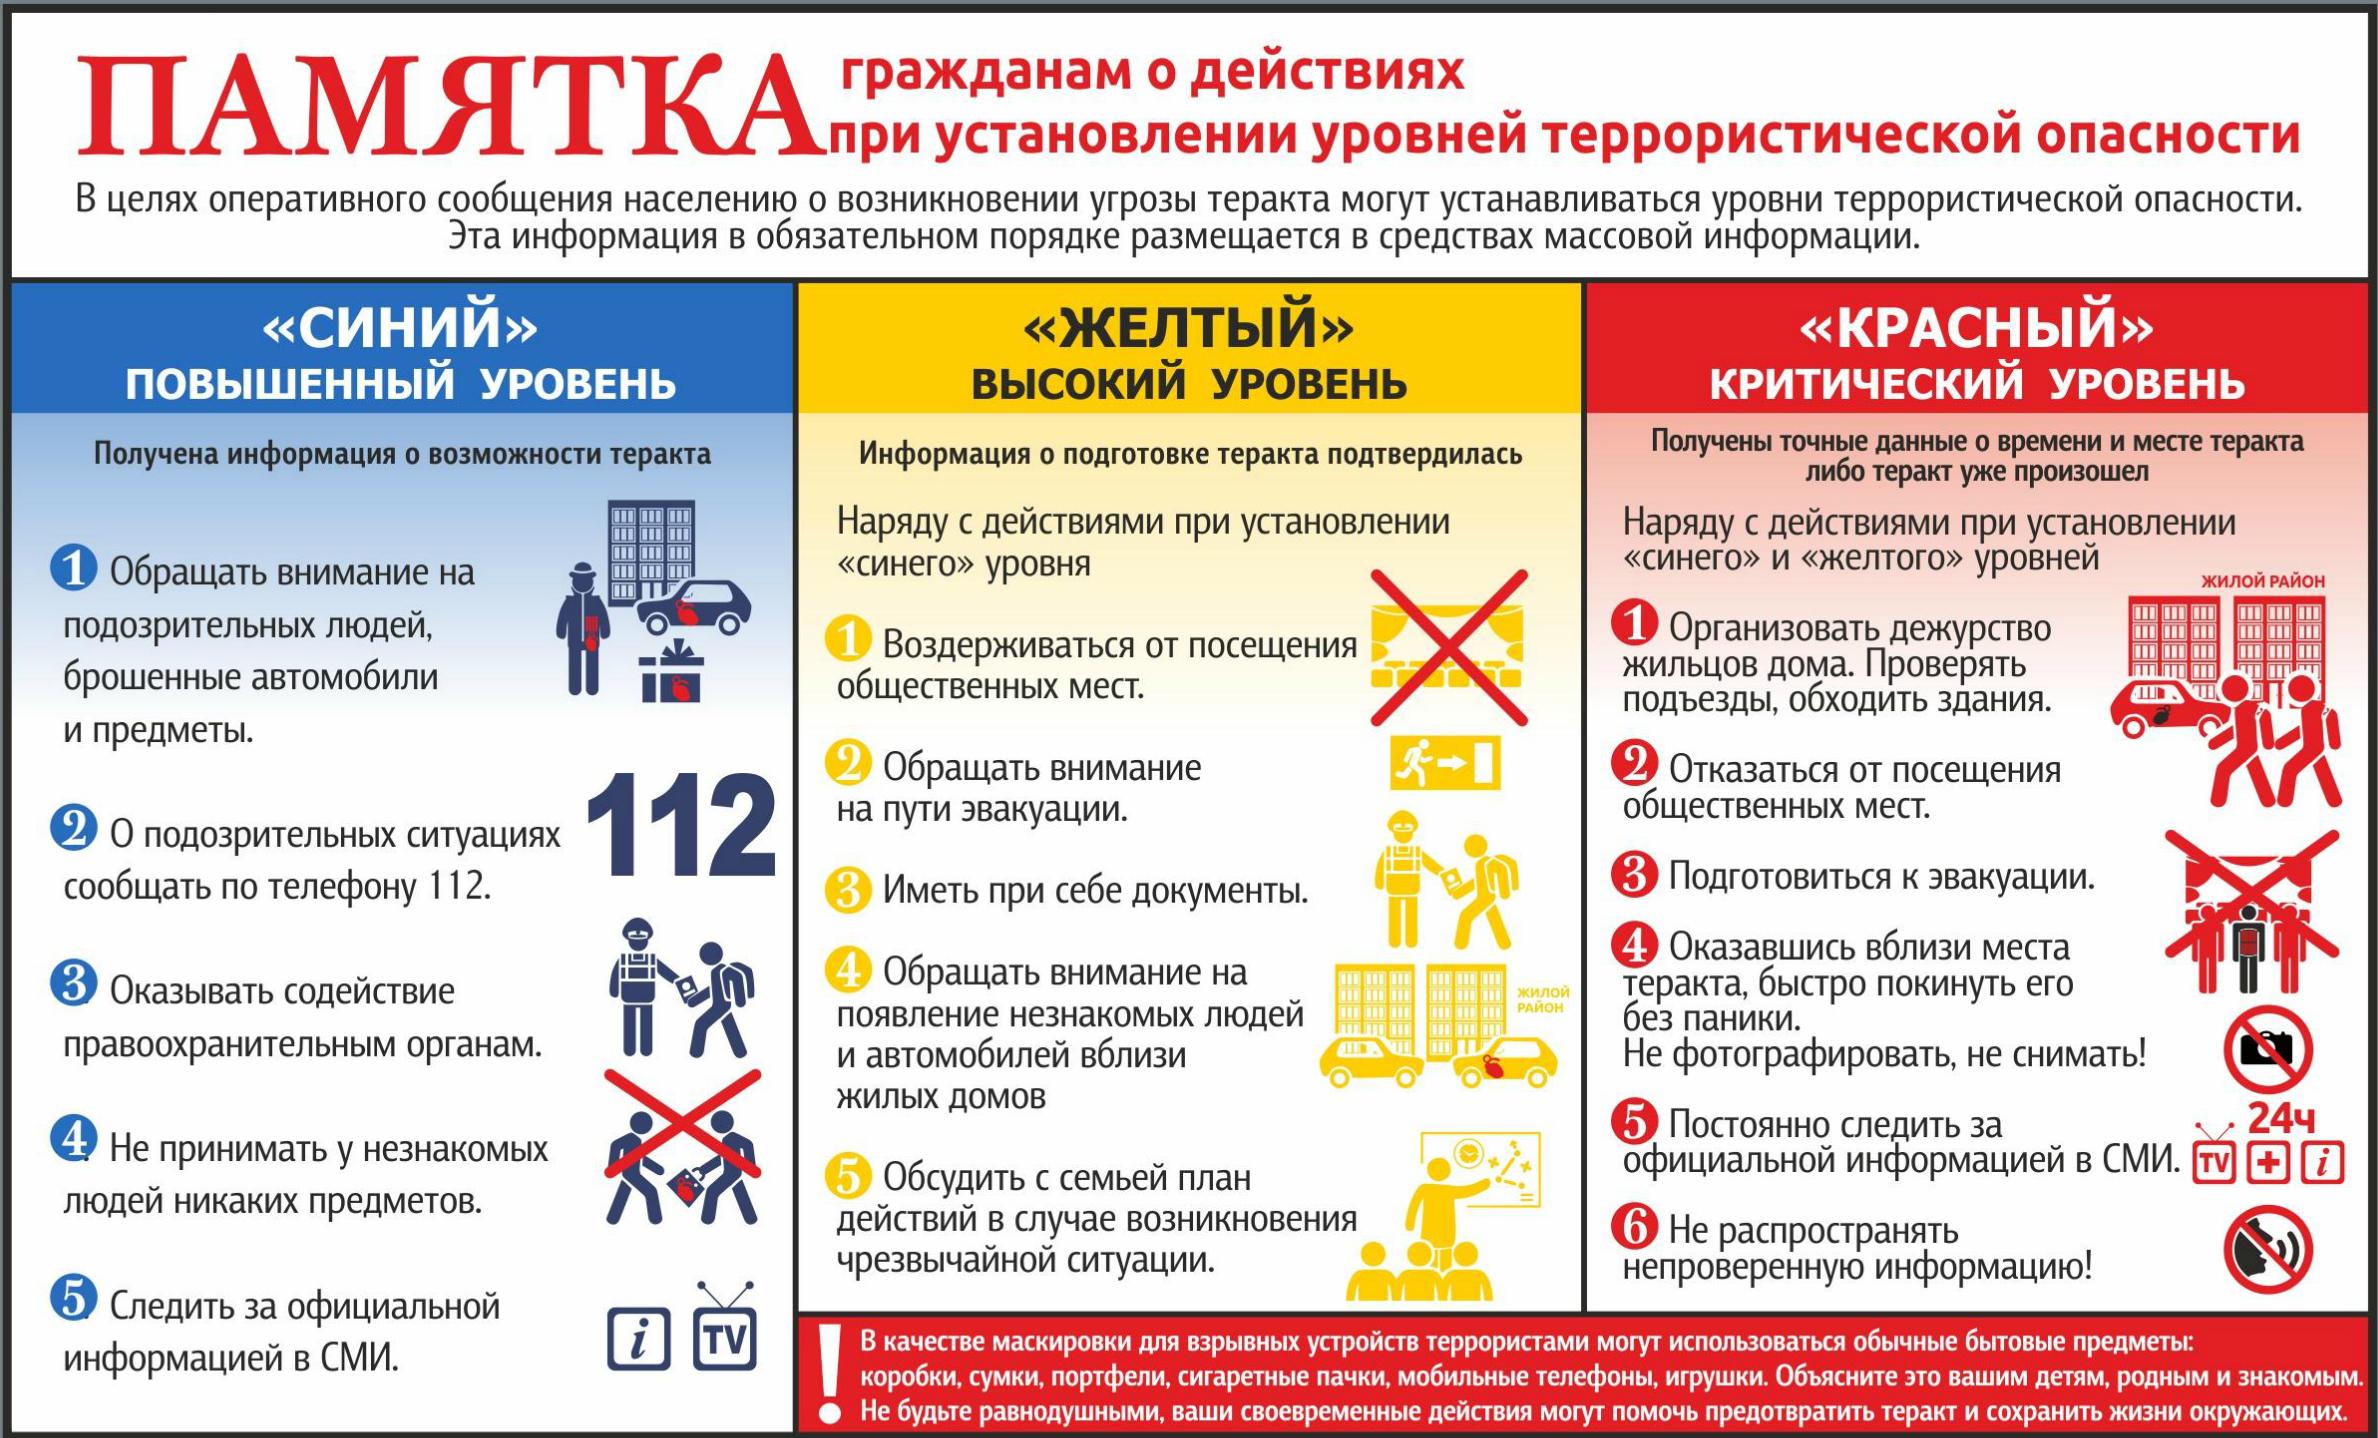 4-pamyatka-grazhdanam-ob-ih-dejstviyah-pri-ustanovlenii-urovnej-terroristicheskoj-opasnosti